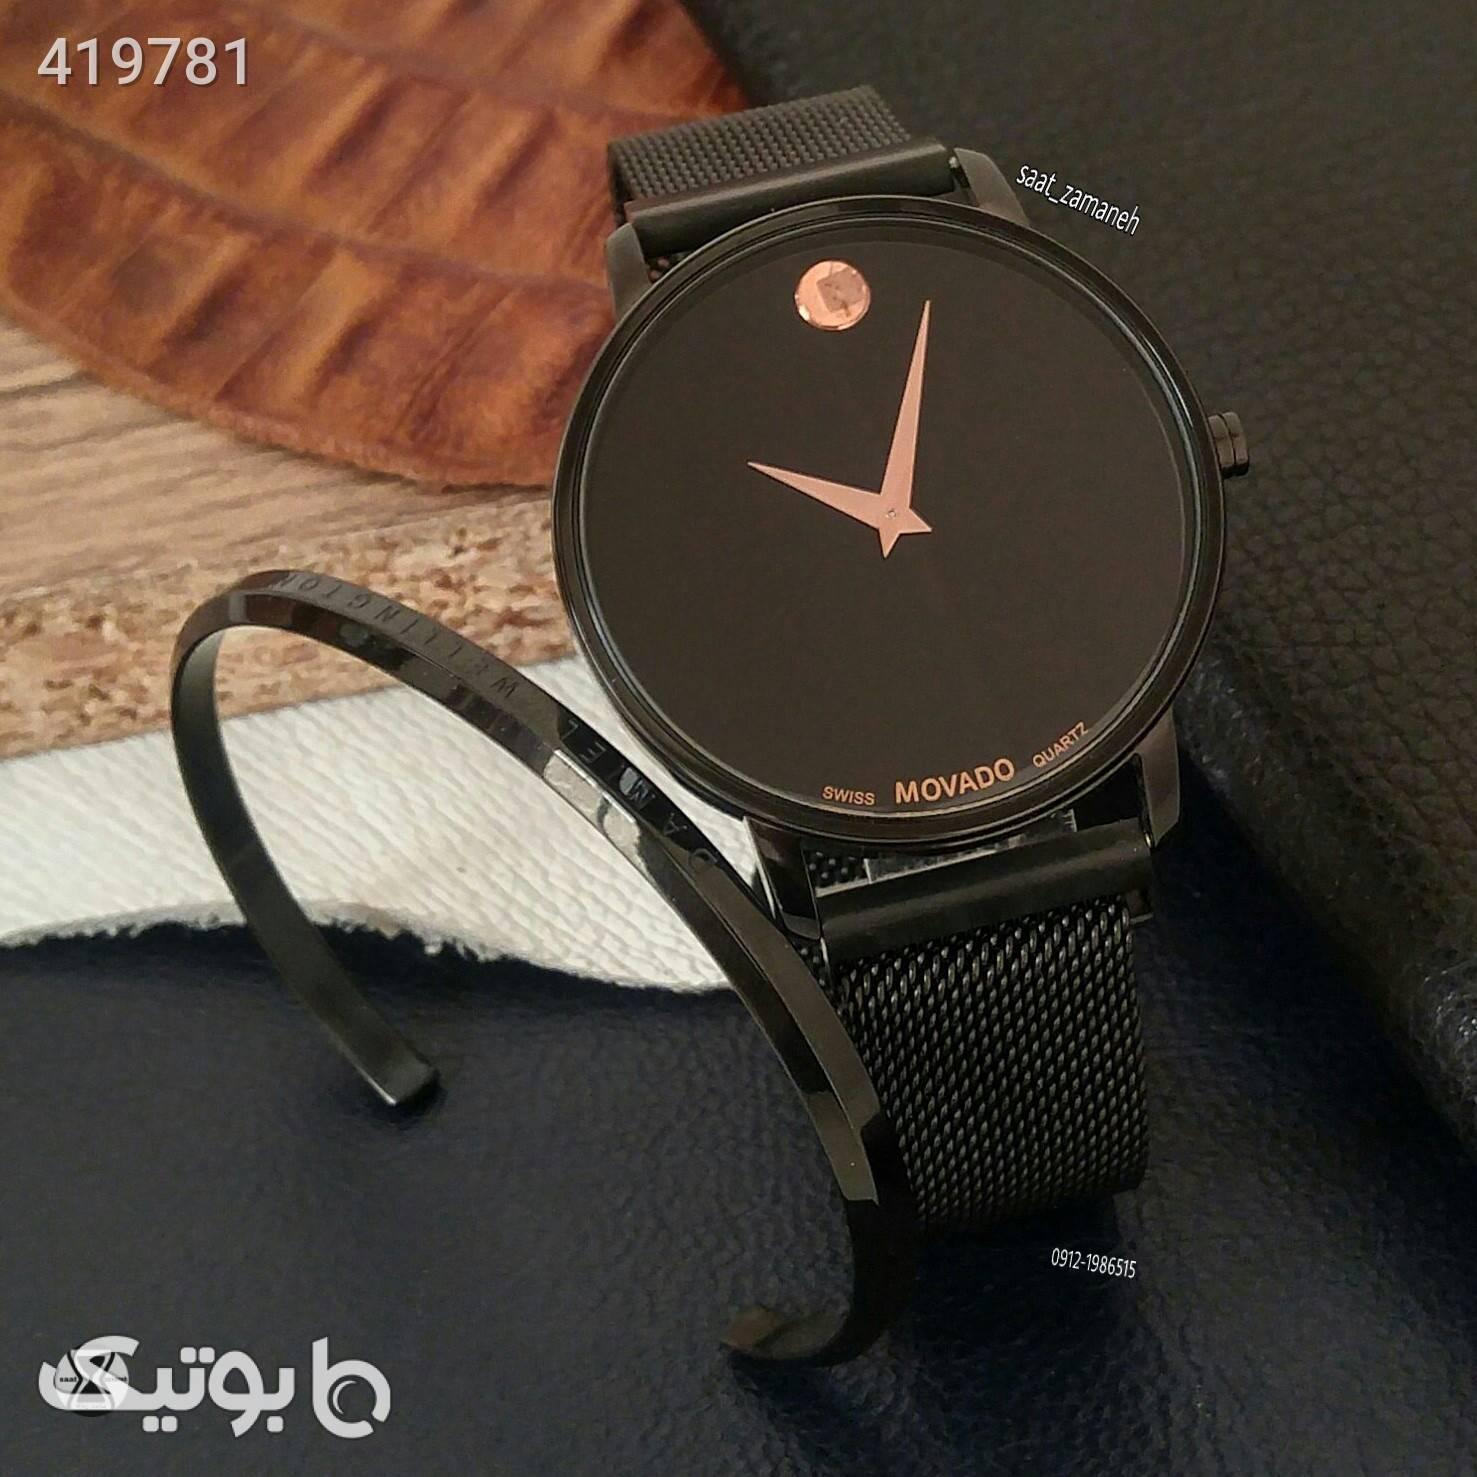 MOVADO ست زنانه/مردانه مشکی ساعت